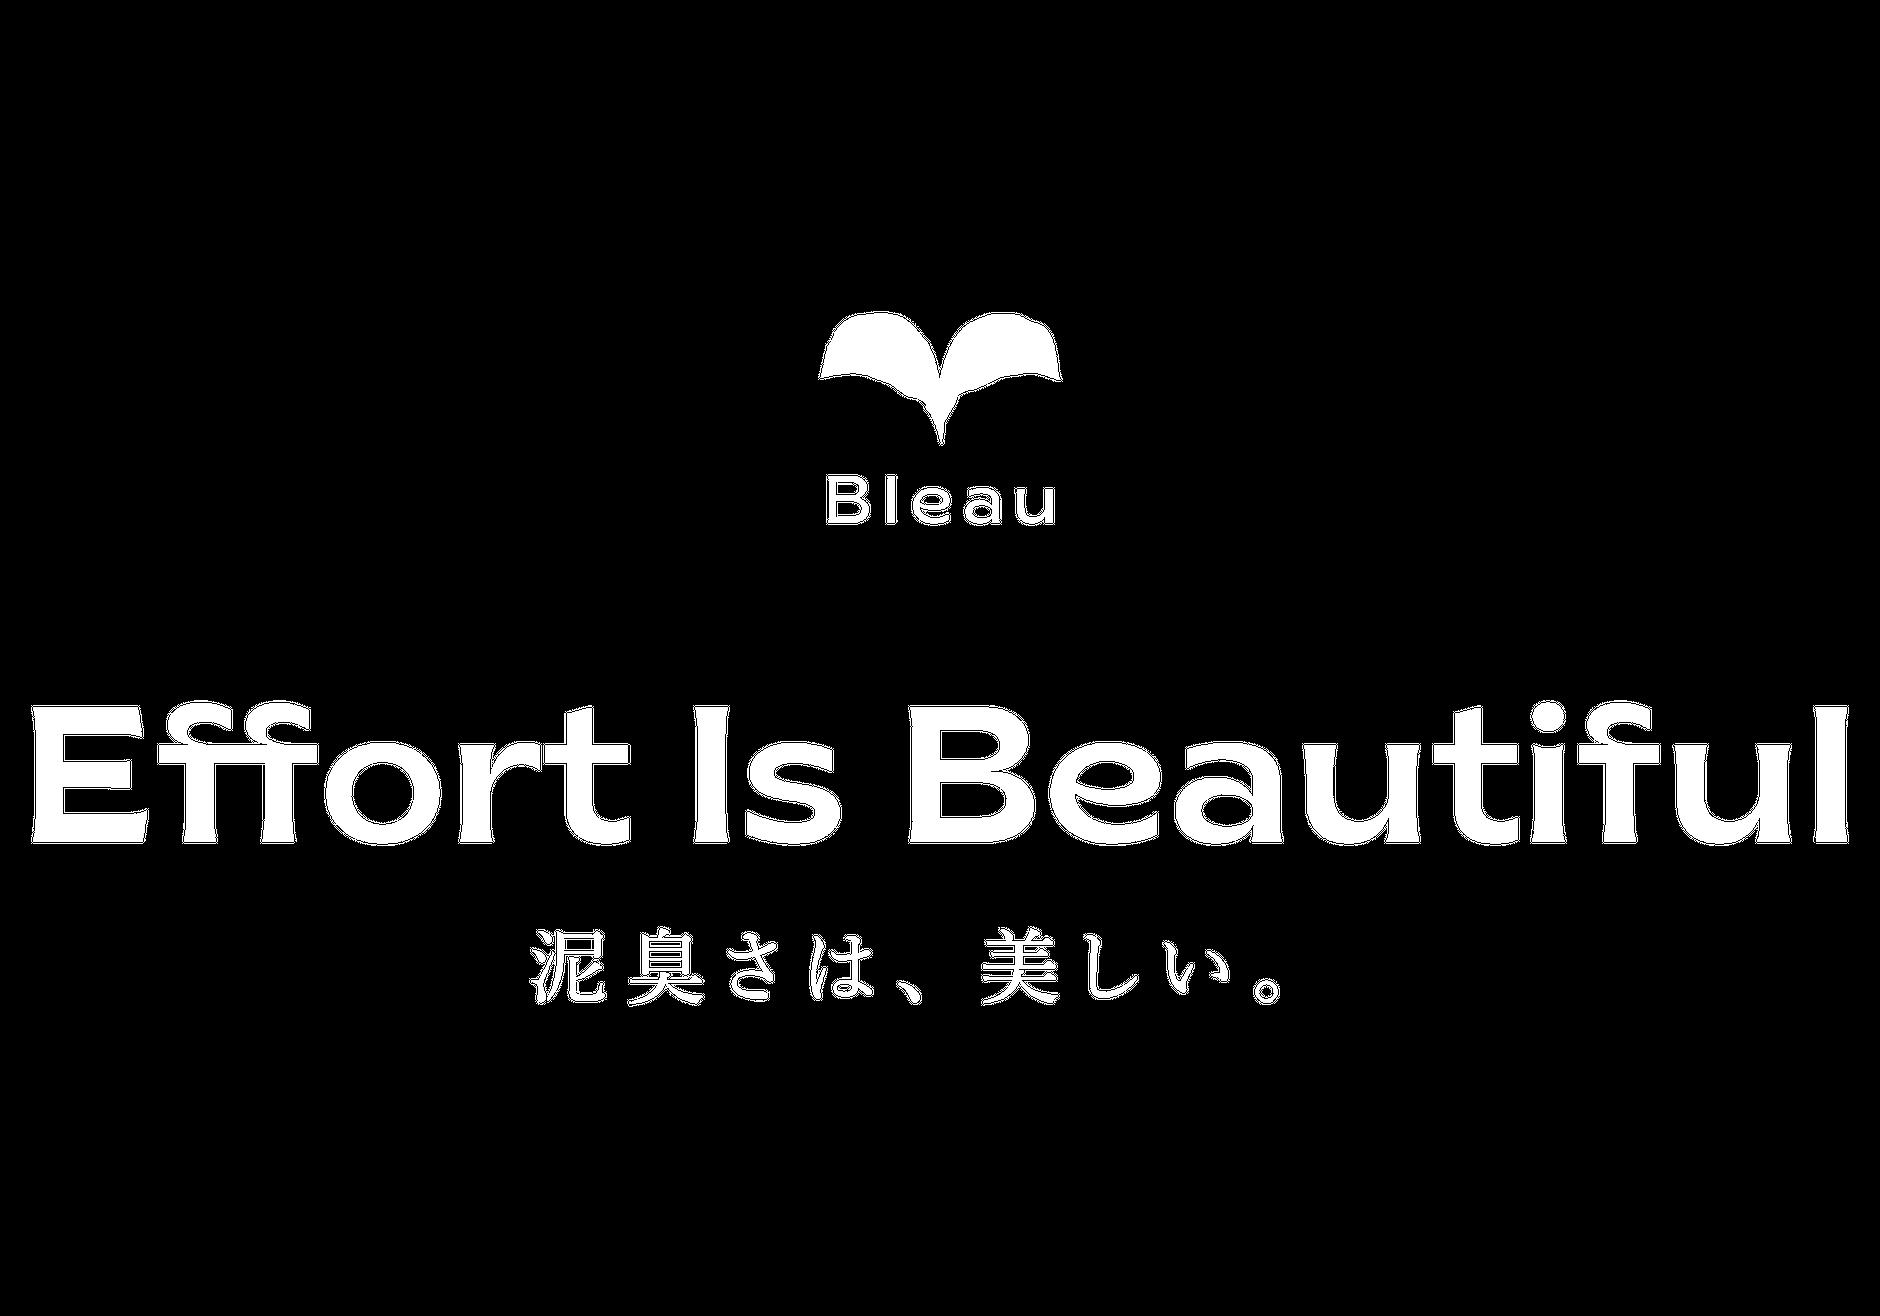 Bleau